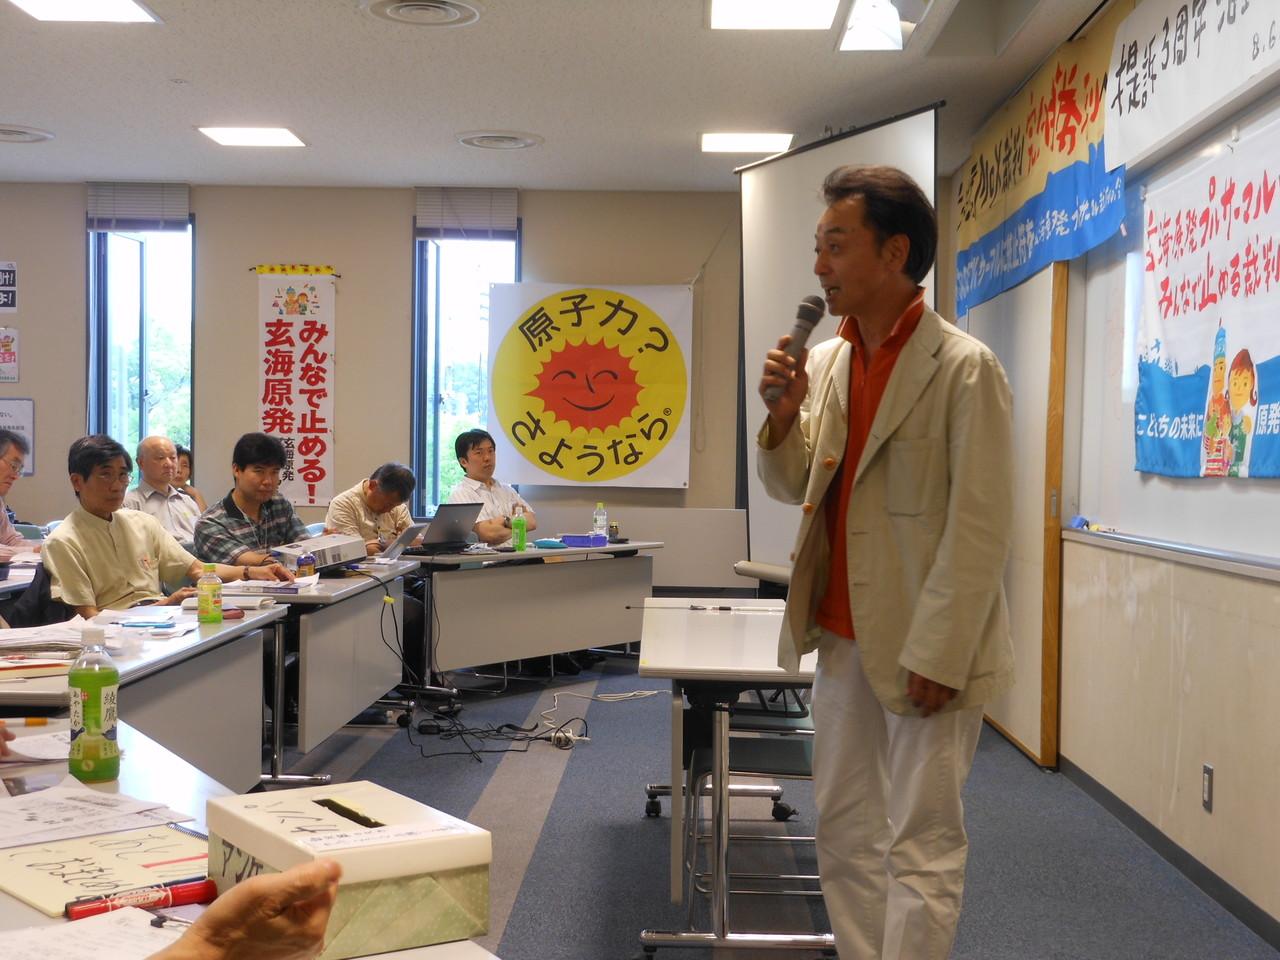 福島から家族で避難されてきた木村雄一さん